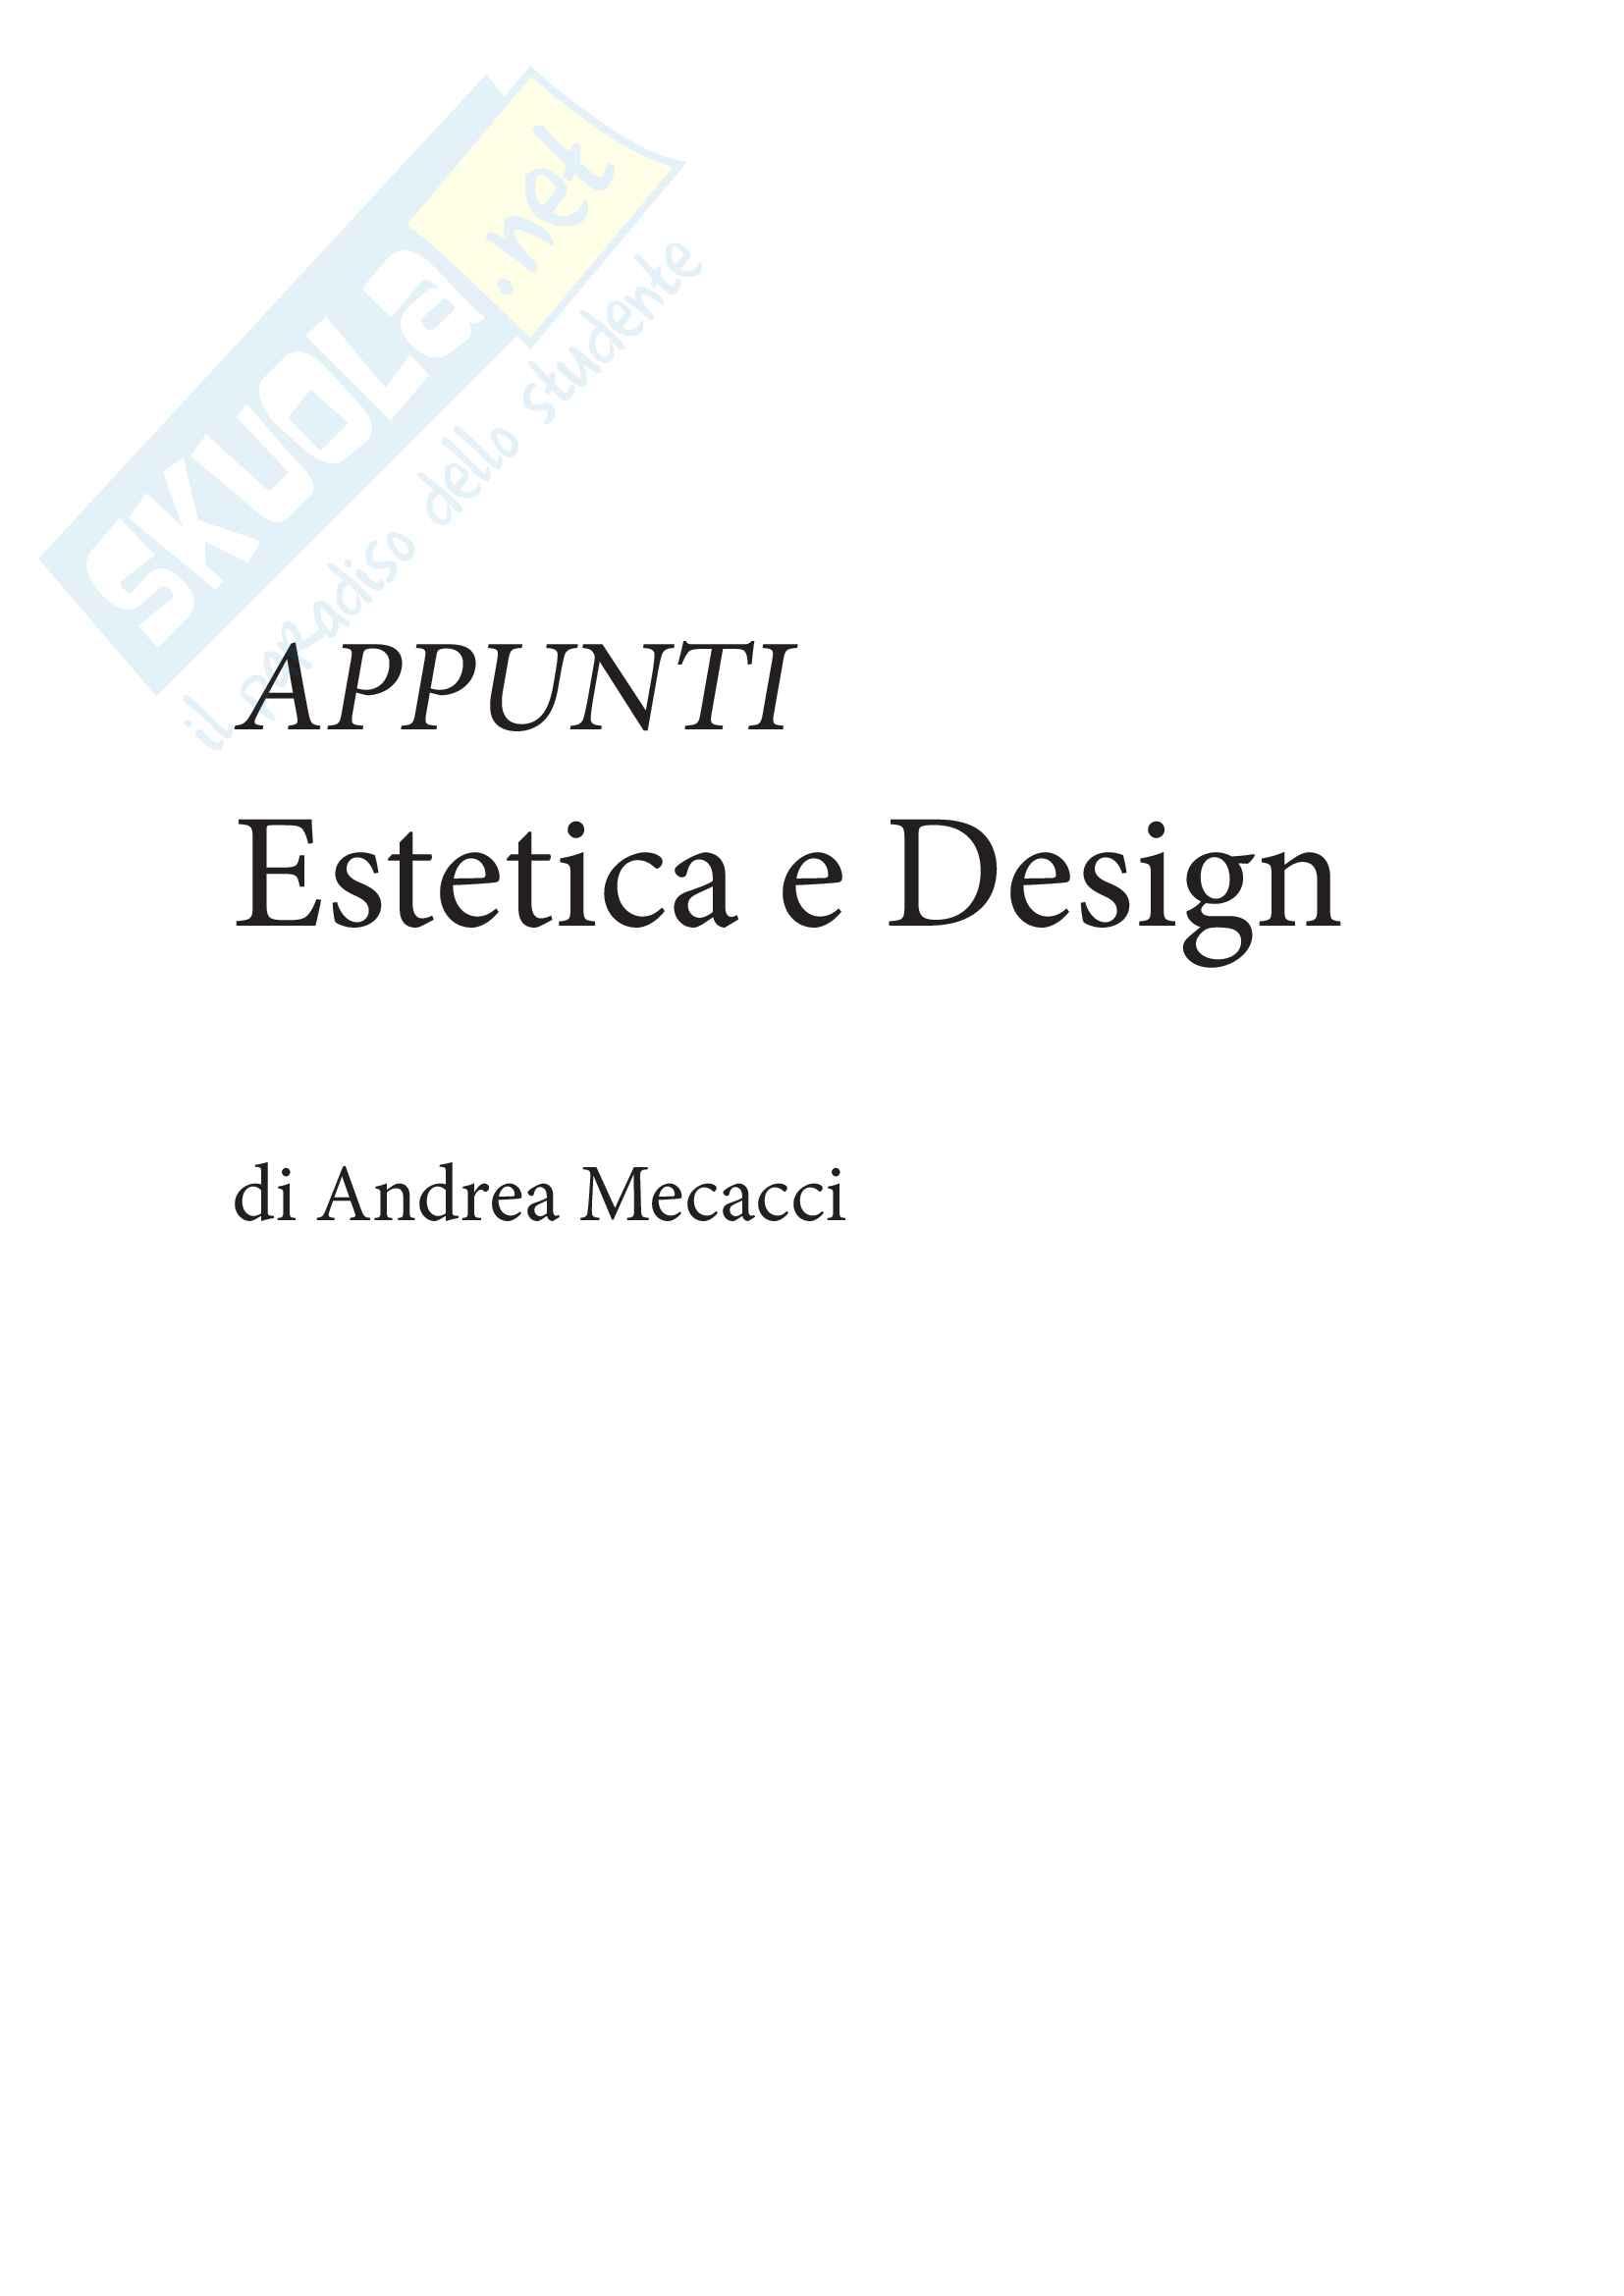 Appunti Esrtetica e design prof Andrea Mecacci